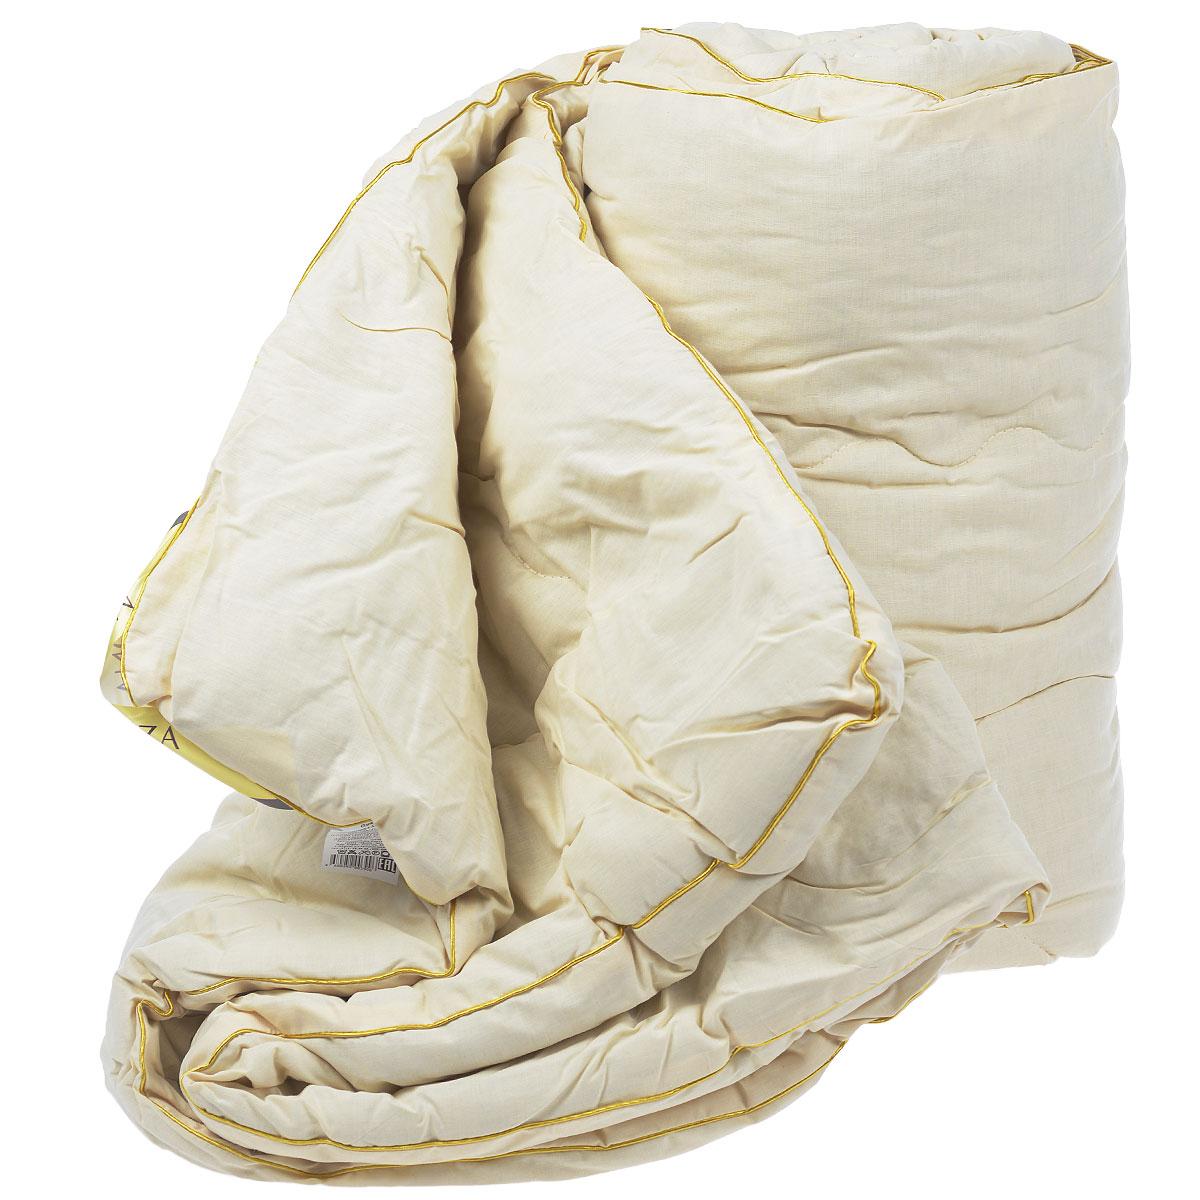 Одеяло Mona Liza, наполнитель: полиэстер, лен, цвет: слоновая кость, 195 см х 215 смNap200 (40)Одеяло Mona Liza подарит вам незабываемое чувство комфорта и умиротворения. Чехол выполнен на 80% из хлопка и на 20% из полиэстера цвета слоновой кости, украшен фигурной стежкой с золотой каймой. Внутри - наполнитель выполненный на 70% из полиэстера и на 30% из льна. Сверхтонкий наполнитель делает одеяло легким и воздушным, с отличной терморегуляцией, препятствует возникновению бактерий и образованию пылевого клеща. Кроме того, одеяло постоянно поддерживает нужную температуру: оно греет зимой и дает прохладу летом.Одеяло упаковано в прозрачную сумку-чехол на застежке-молнии. Торговая марка Mona Liza принадлежит крупнейшему в Европе и странах СНГ текстильному объединению Монолит, которое уже более 22 лет, с 1992 года, радует своих покупателей высоким качеством выпускаемой продукции. Материал чехла: хлопок, полиэстер. Наполнитель: полиэстер, лен. Плотность: 200 г/м2. Размер одеяла: 195 см х 215 см.